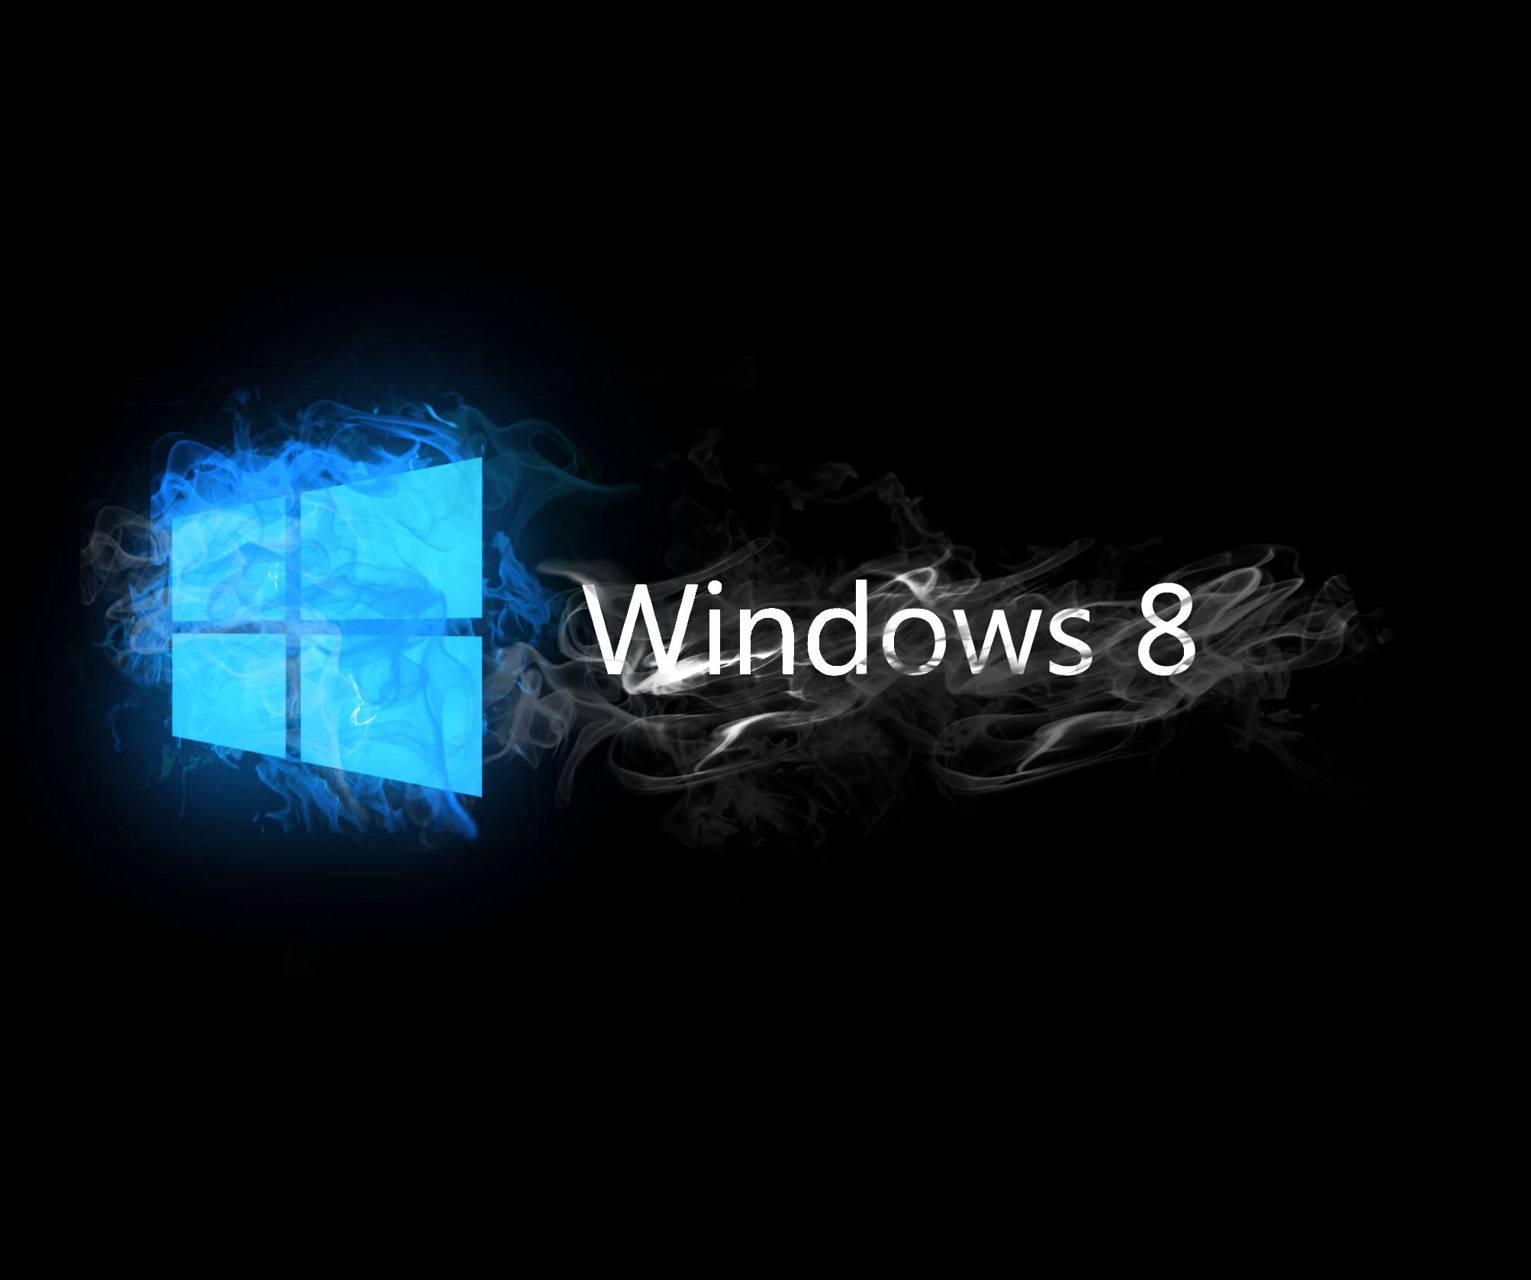 Blue Windows 8